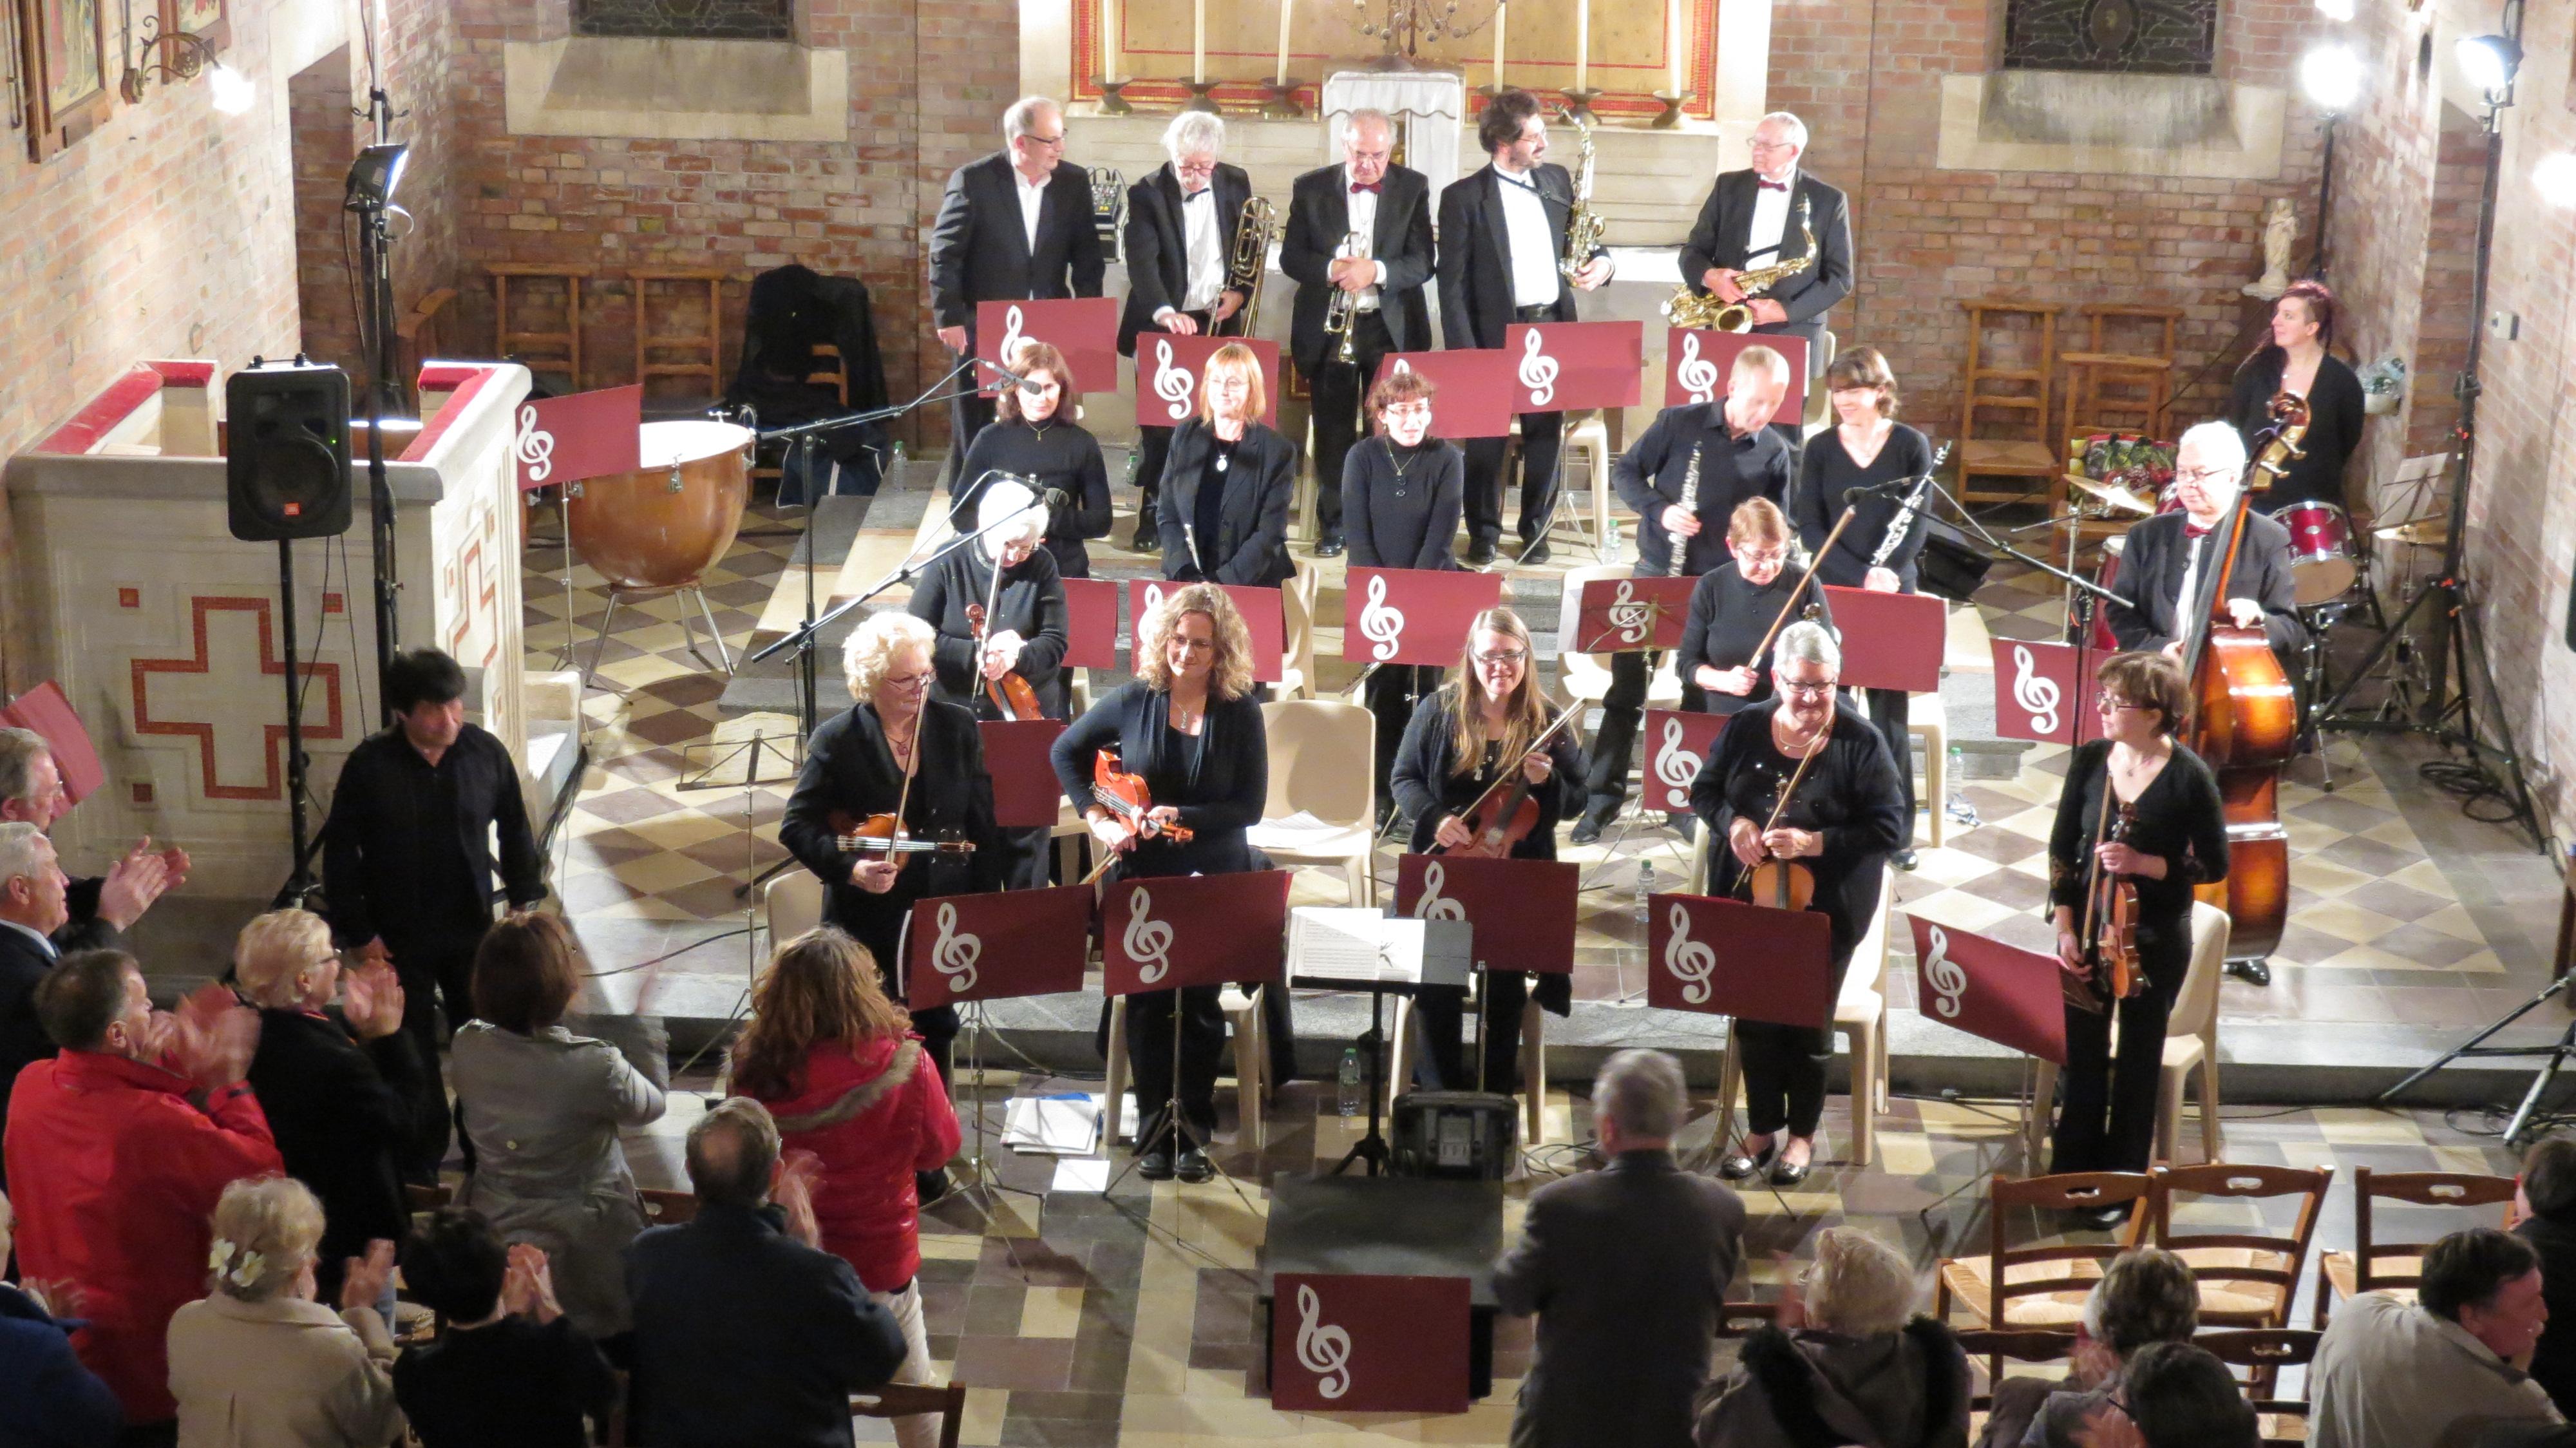 orchestre-philarmonqiue-du-plateau-picard